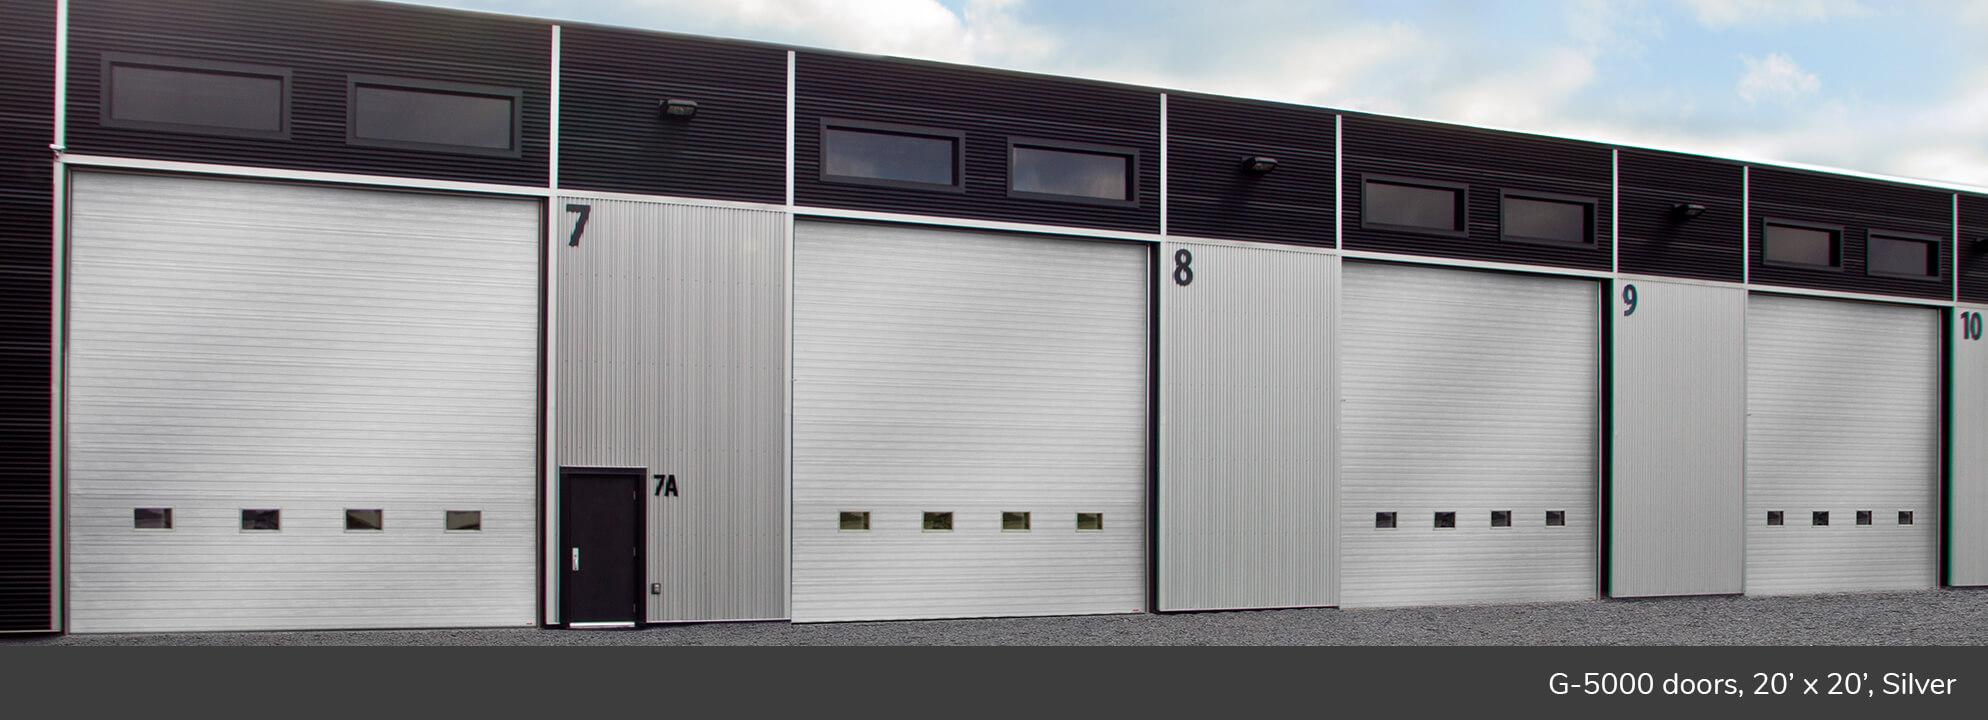 G-5000 doors, 20' x 20', Silver